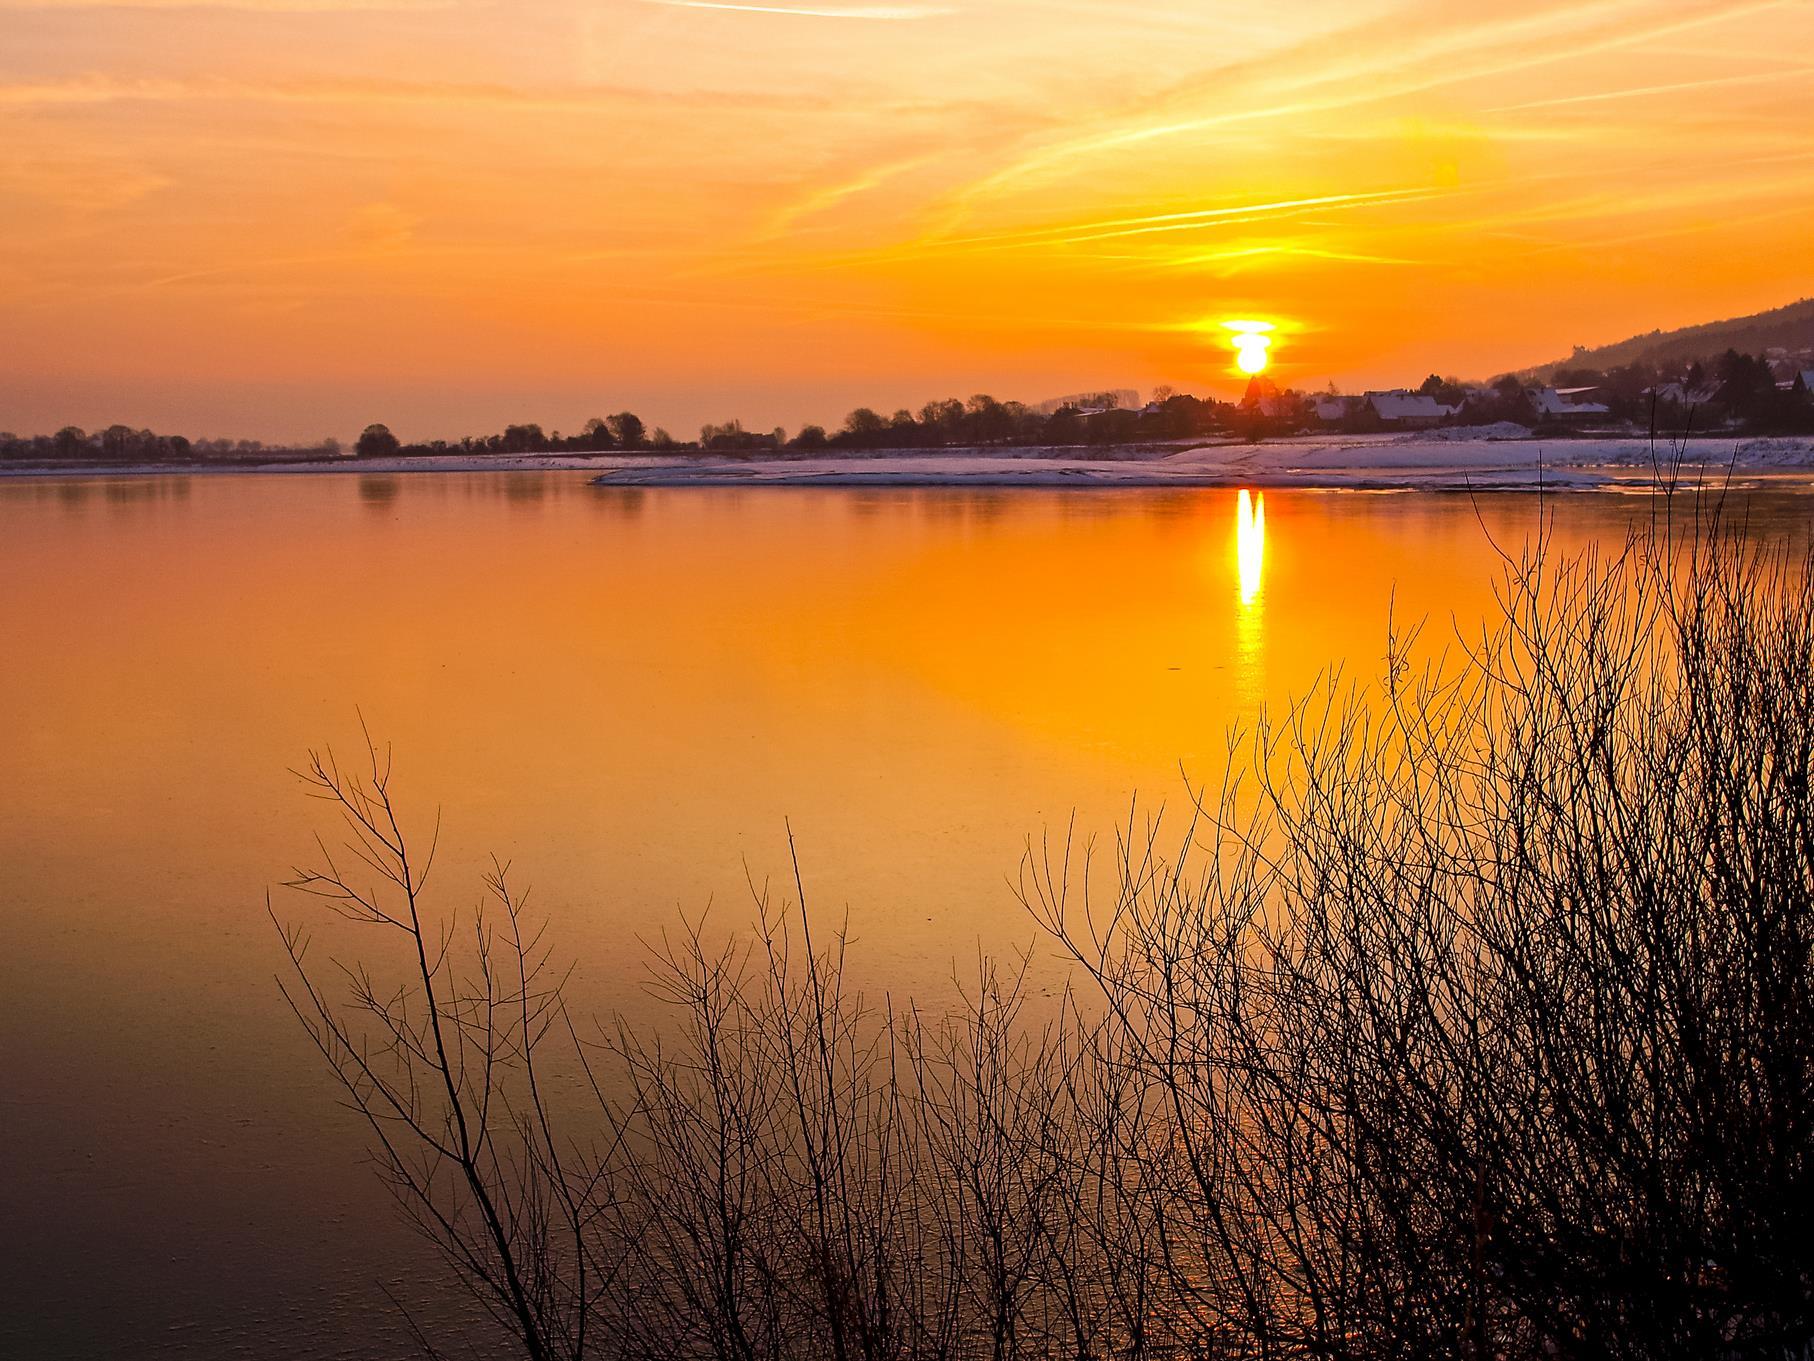 Sonnenaufgang an einem kalten Januarmorgen am westlichen Kiesteich.